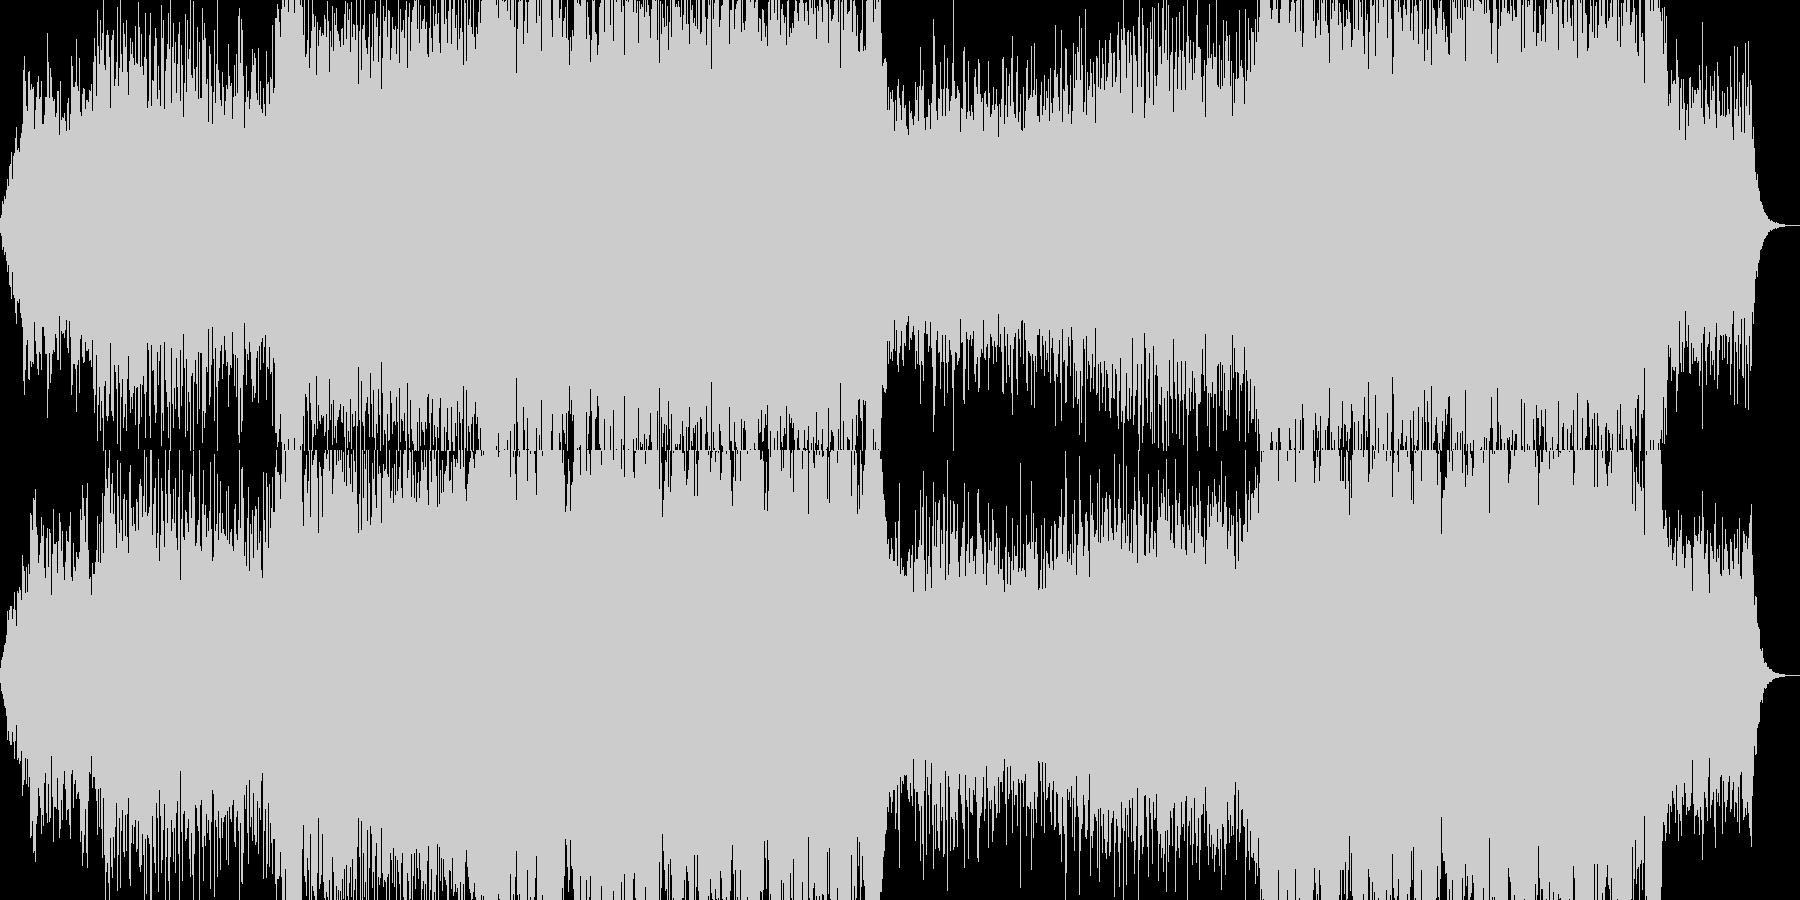 映画音楽、荘厳重厚、映像向け-34の未再生の波形